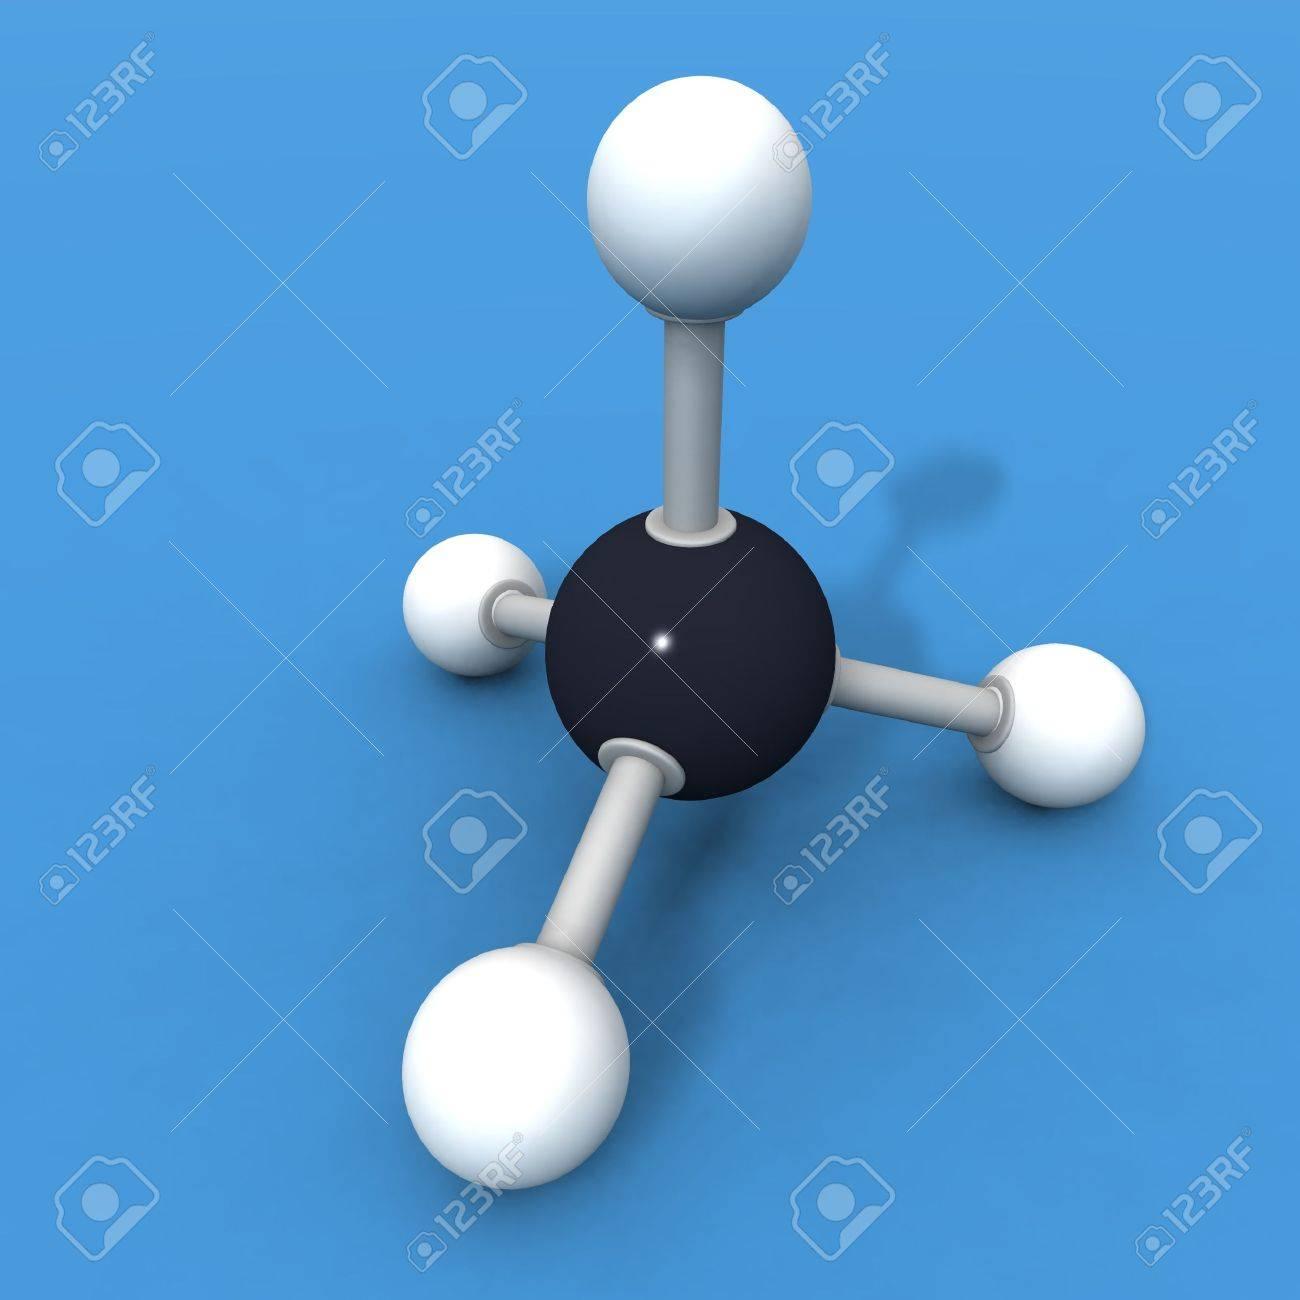 hacer un 3d de una molécula de metano  Foto de archivo - 2263246